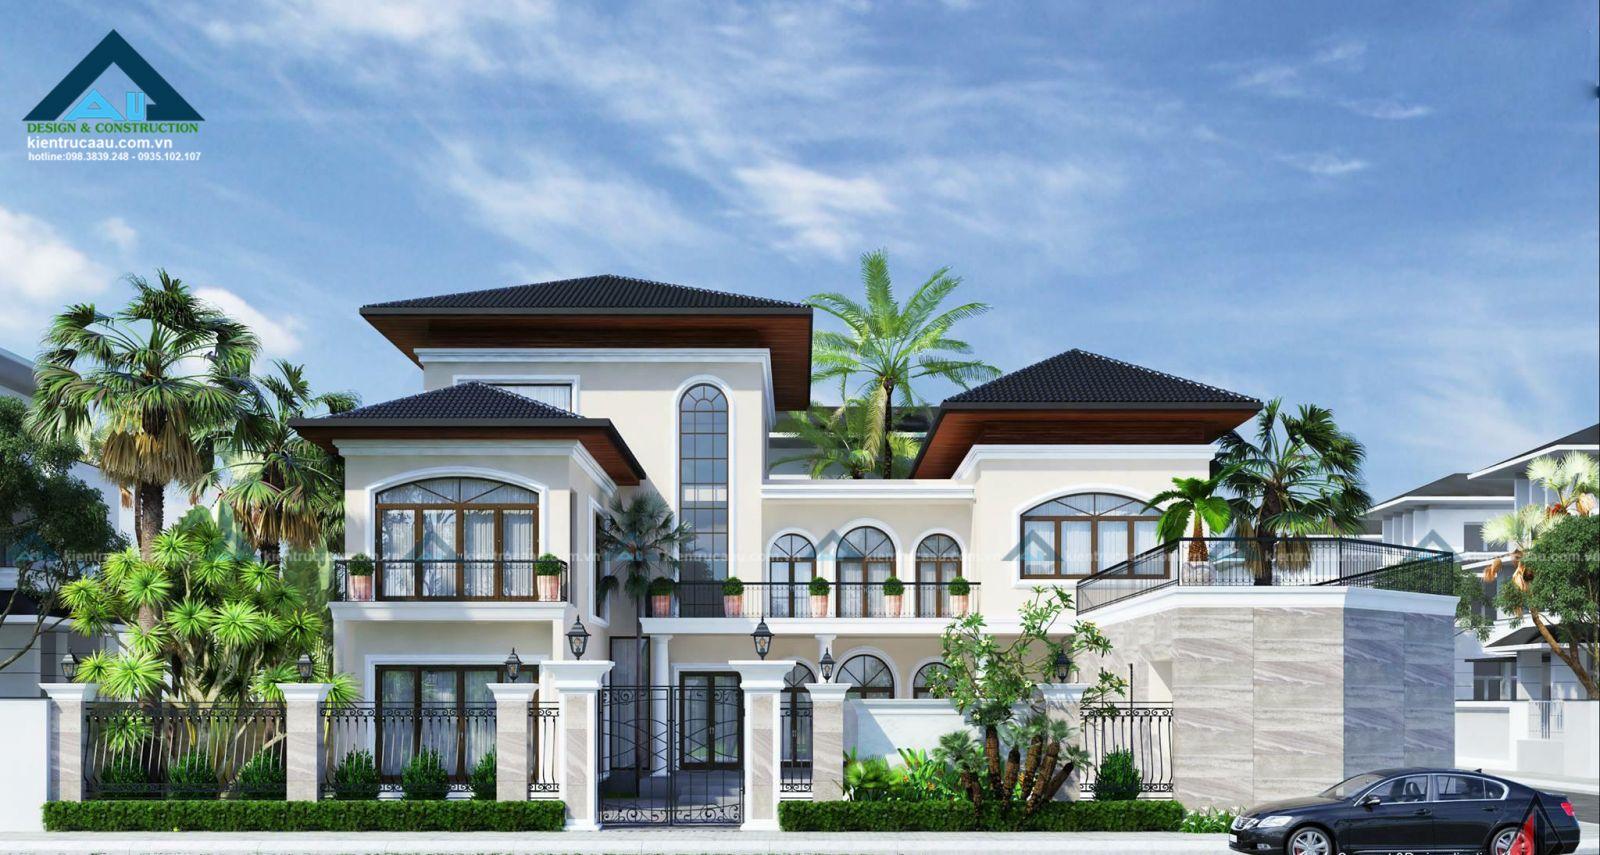 thiết kế biệt thự vườn tại đà nẵng